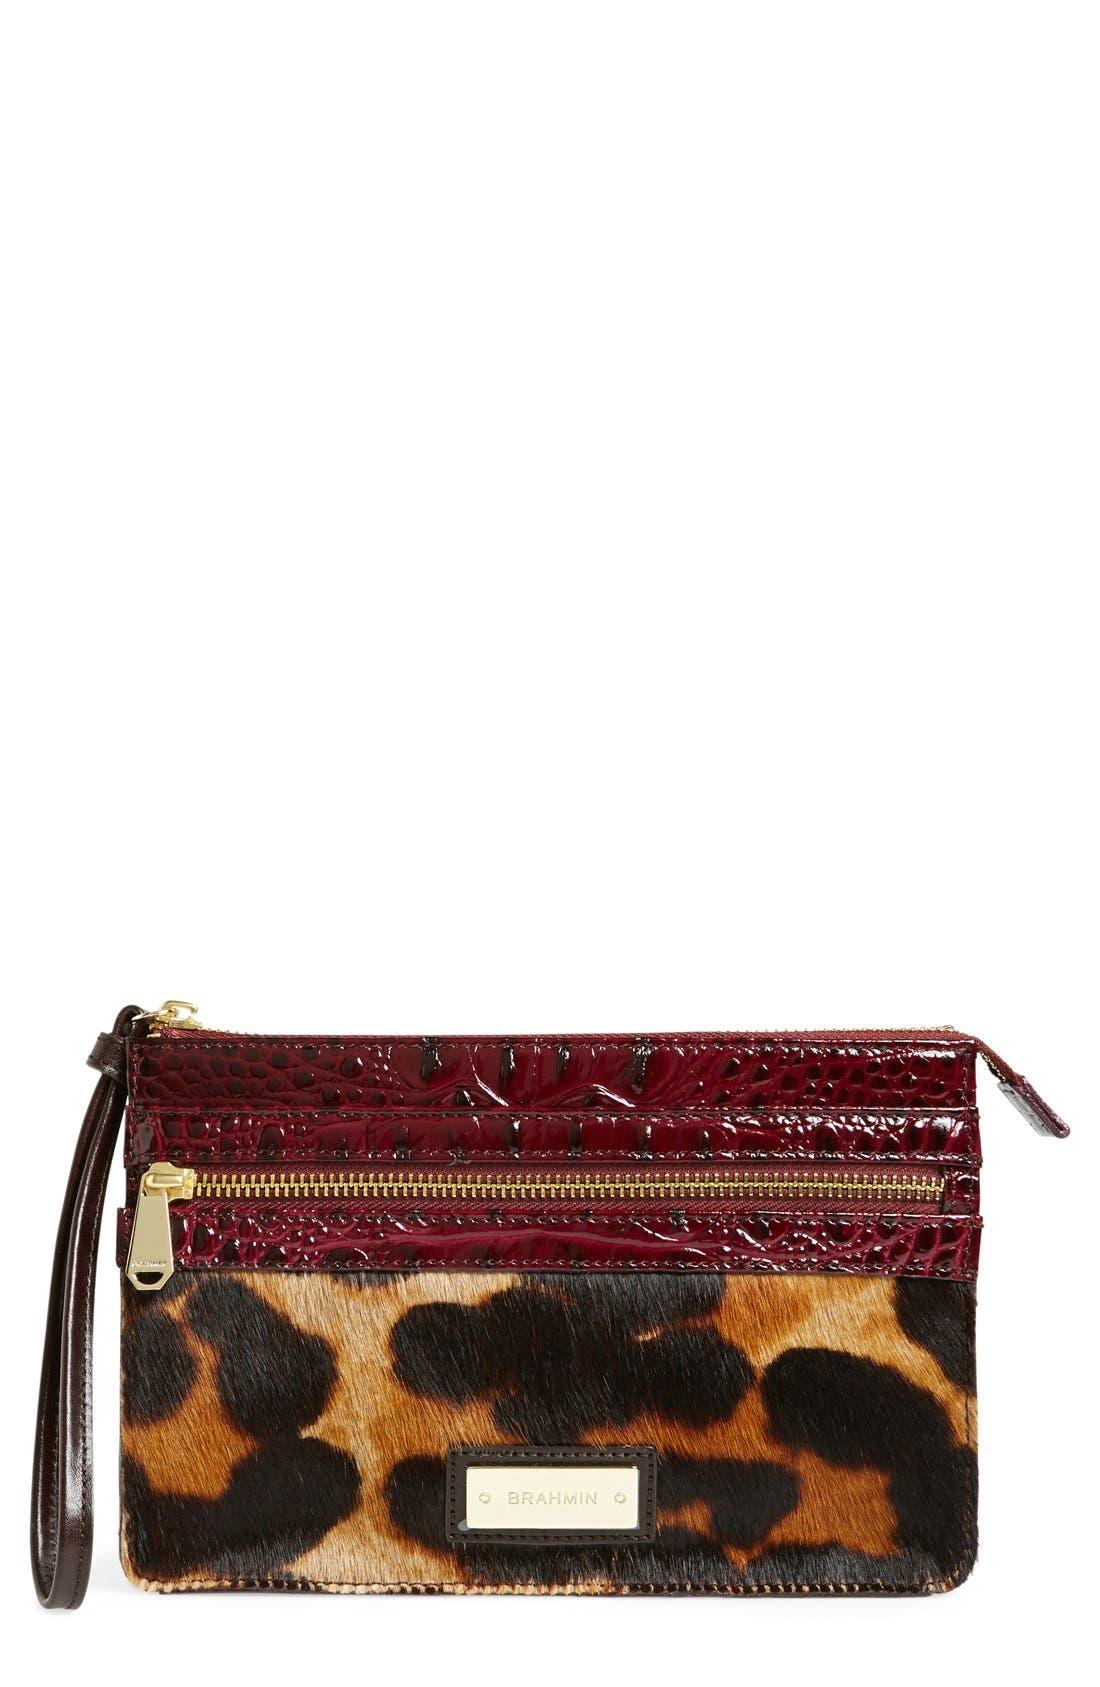 Alternate Image 1 Selected - Brahmin'Winnie' Genuine Calf Hair & Leather Wristlet